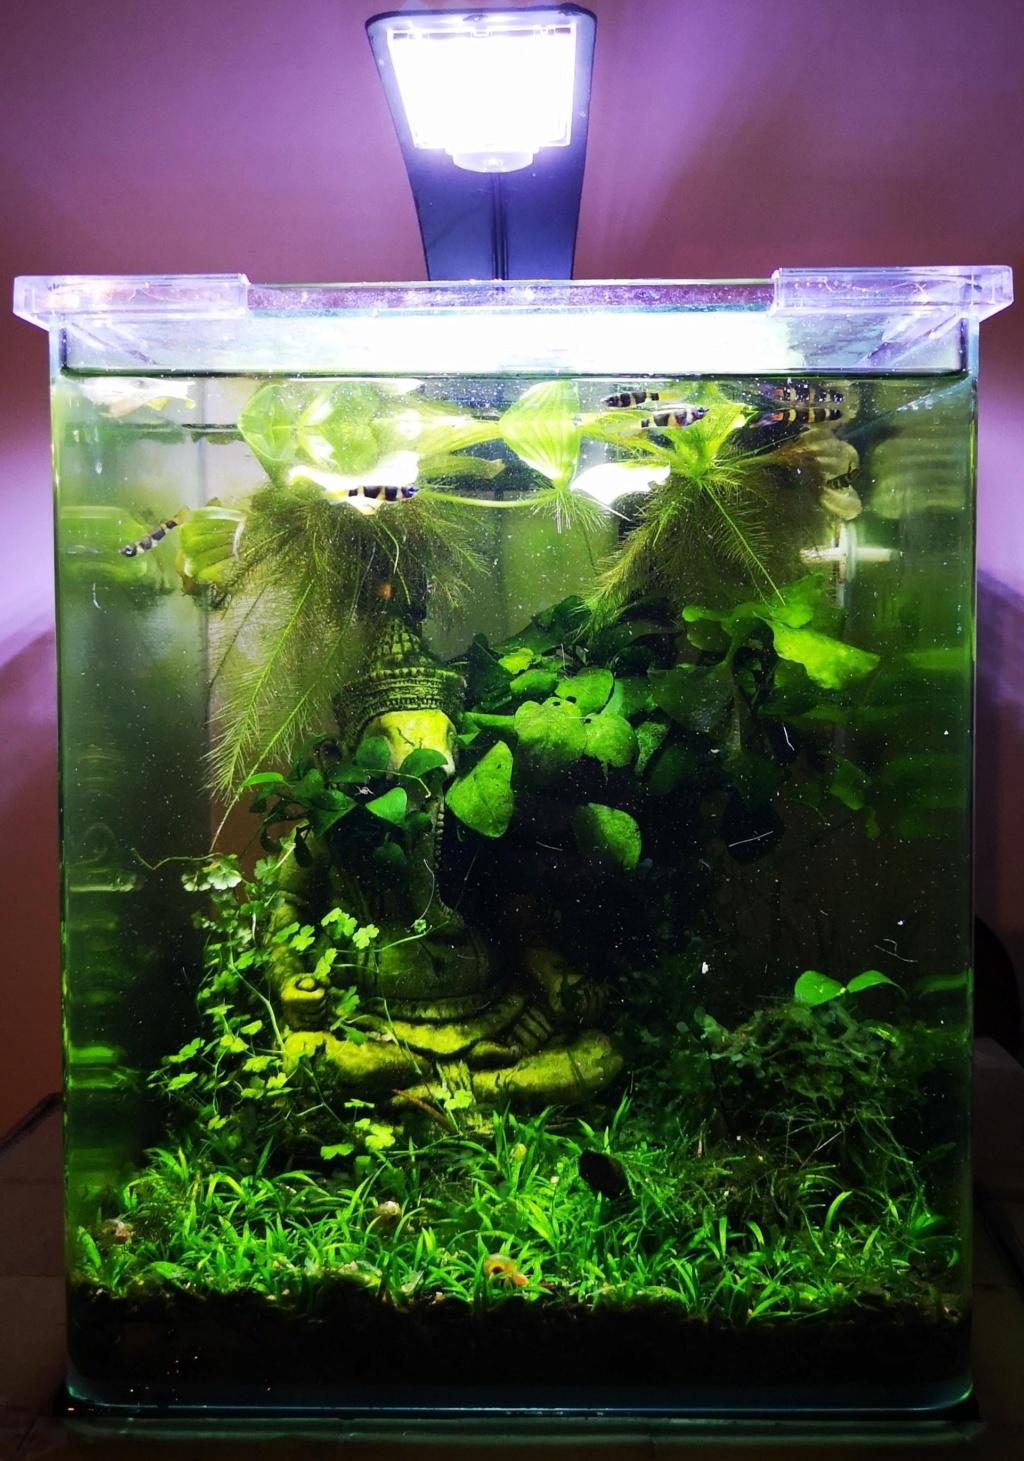 [PROJET] Changement d'aquarium en un week-end Img_2154